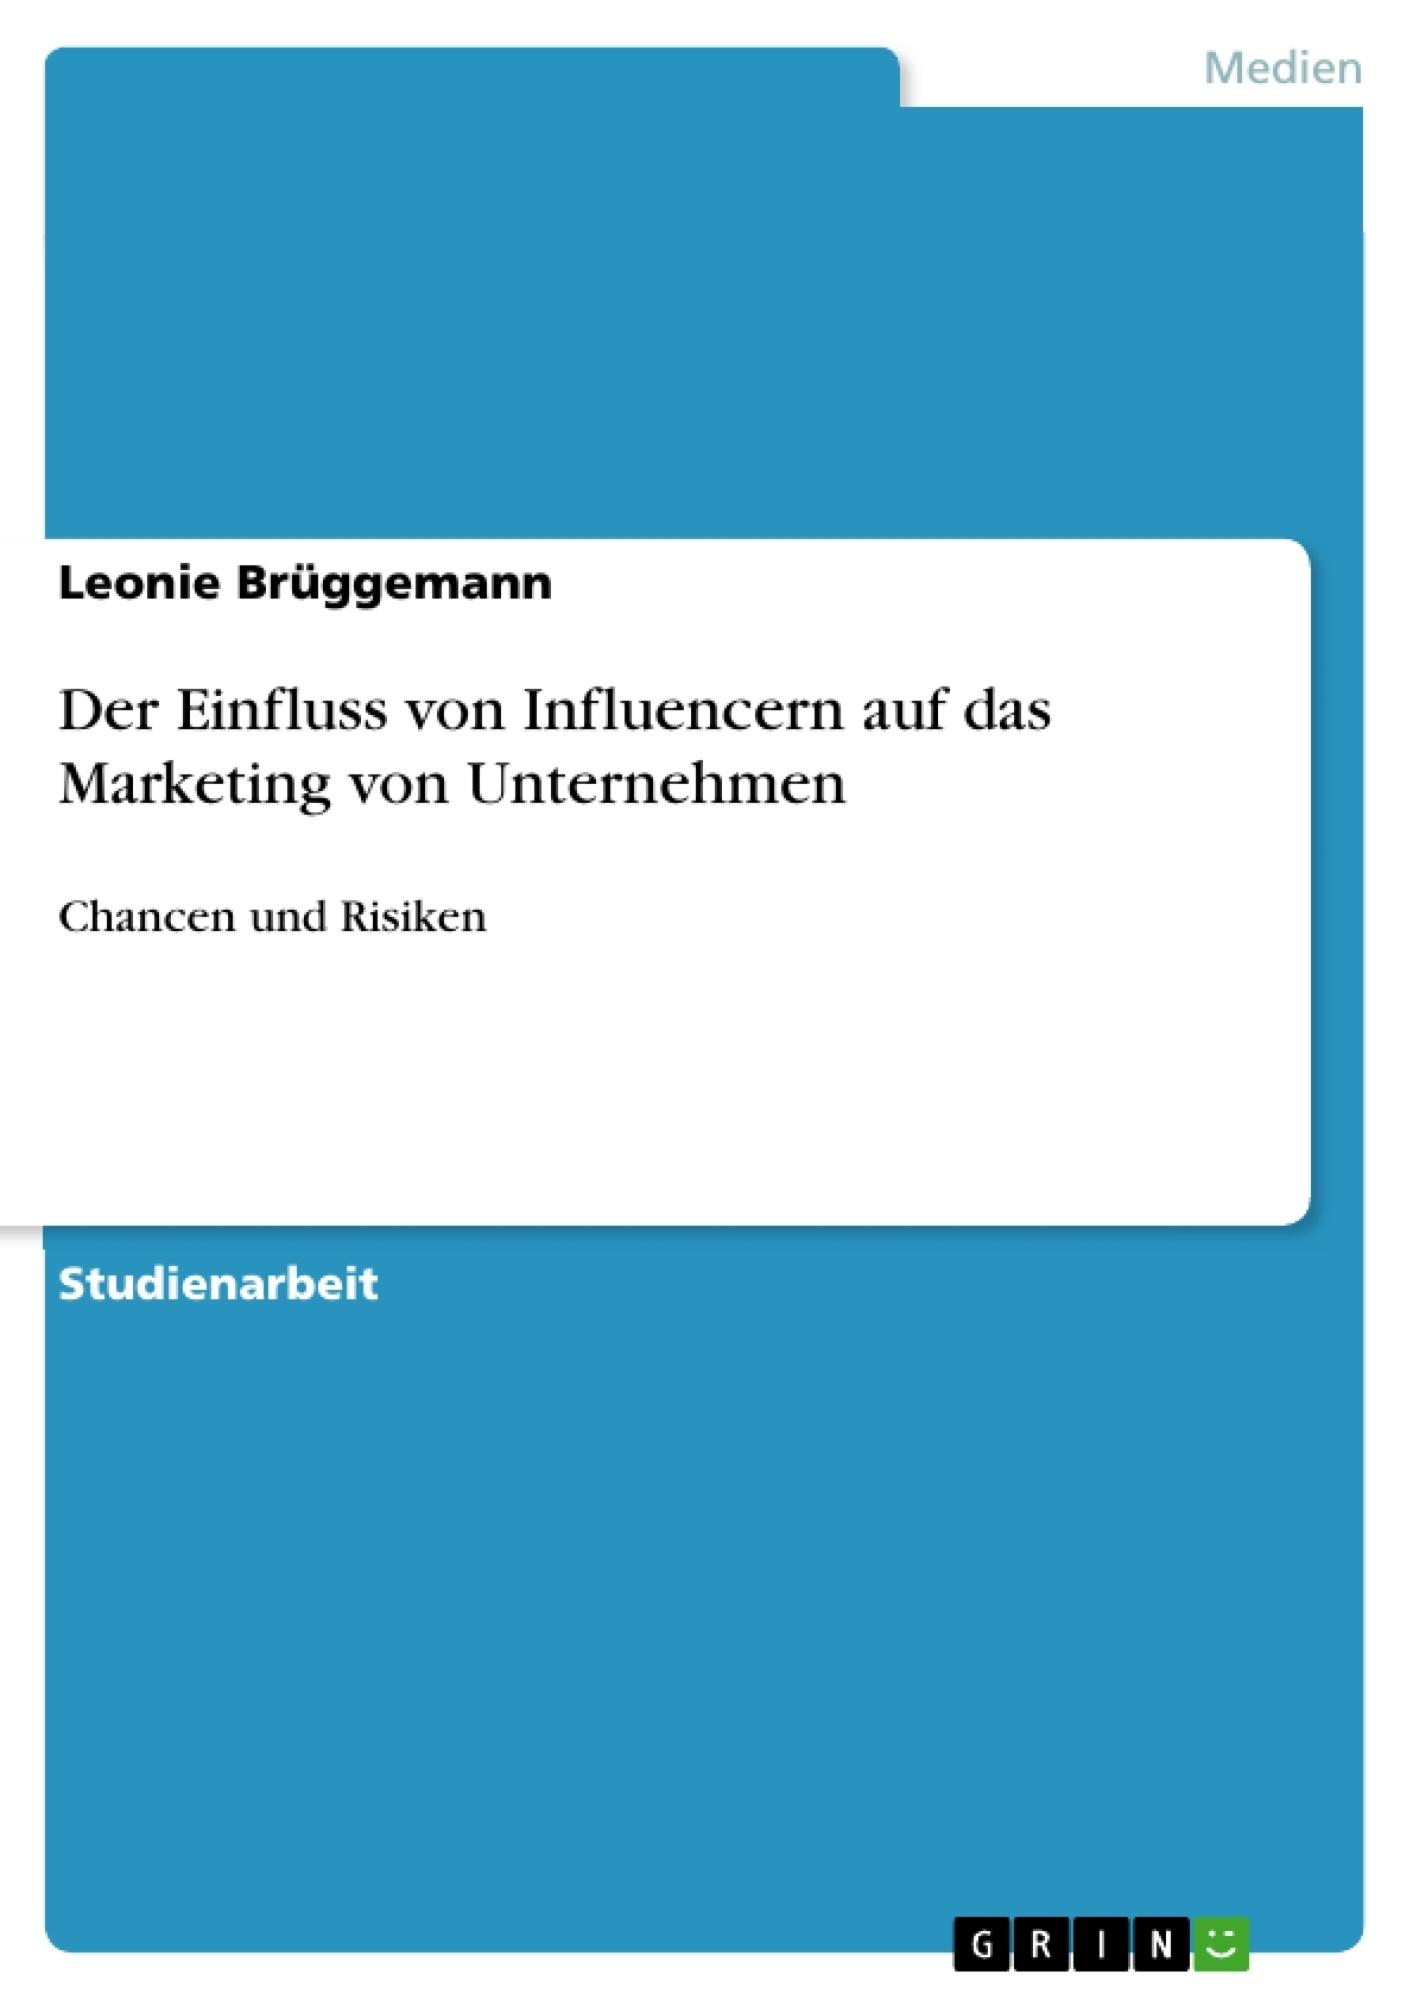 Titel: Der Einfluss von Influencern auf das Marketing von Unternehmen